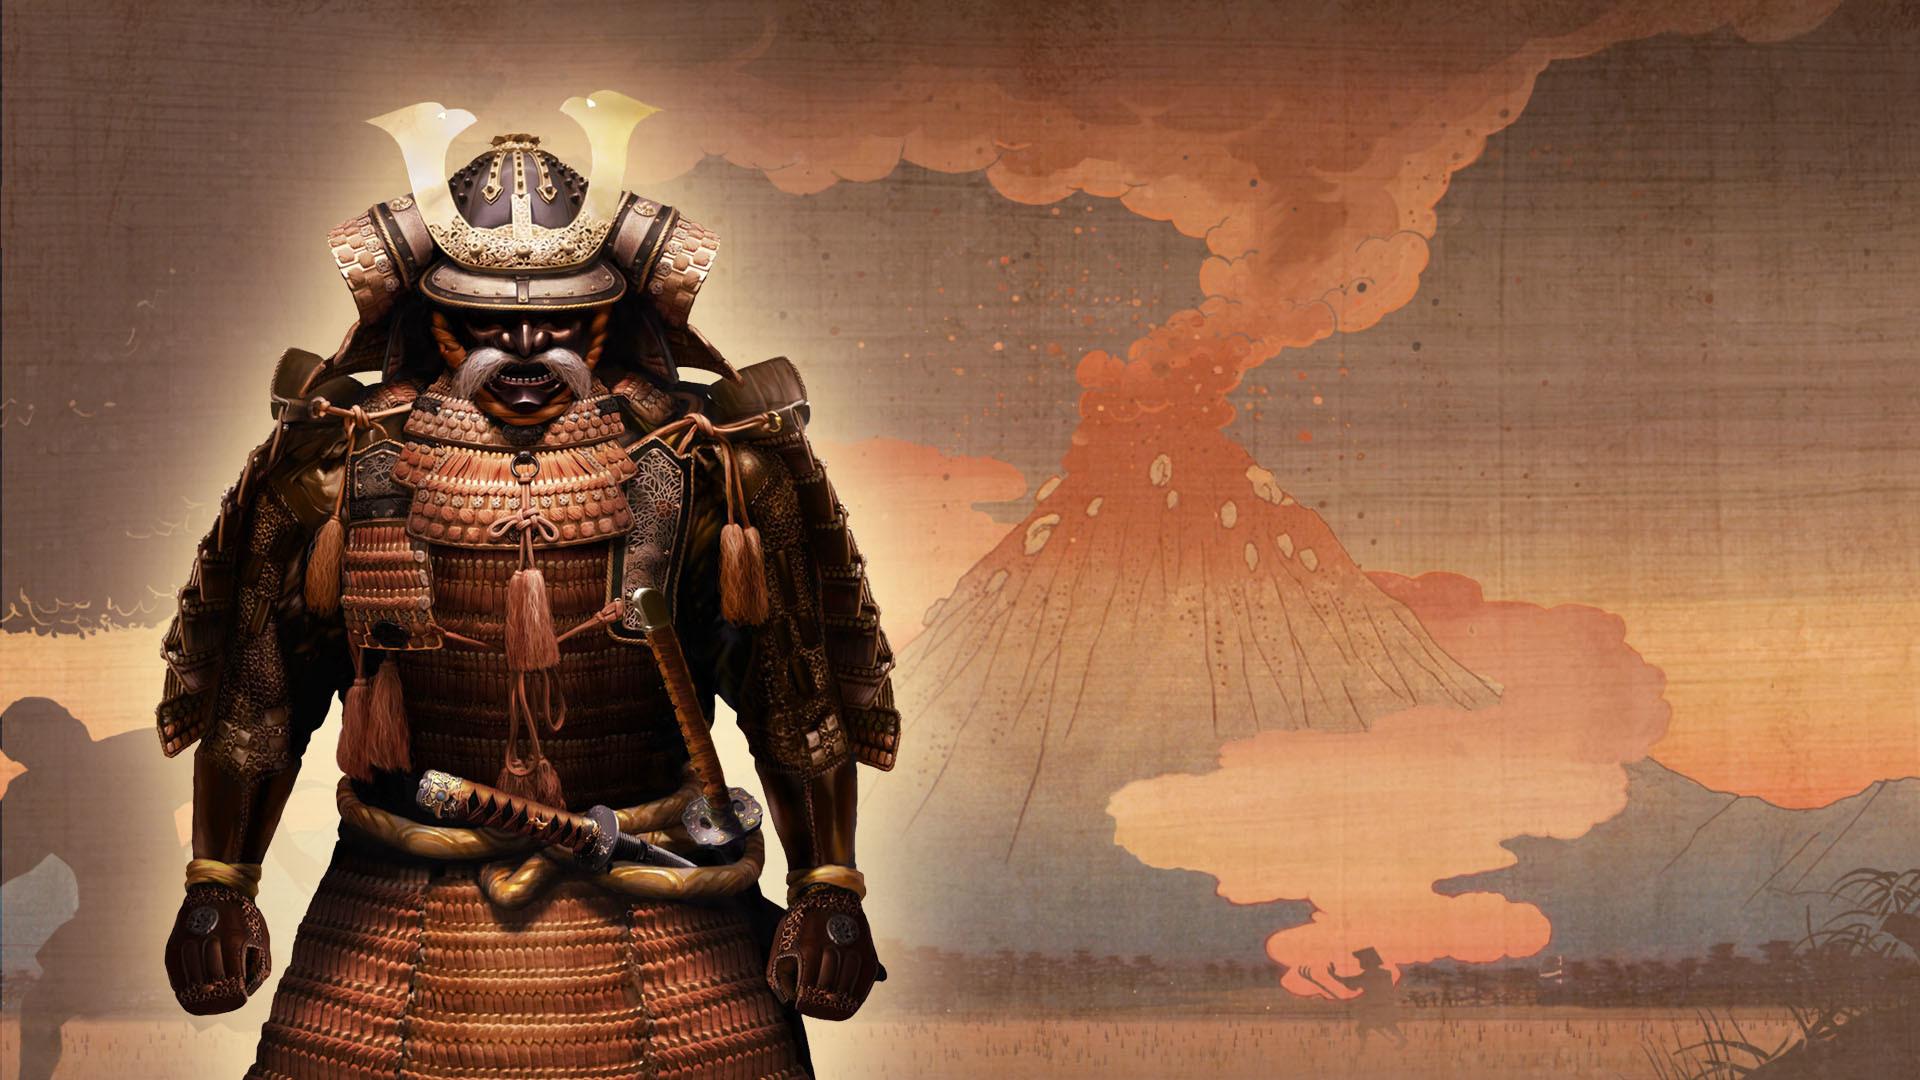 Star Wars Samurai Wallpaper 57 Images